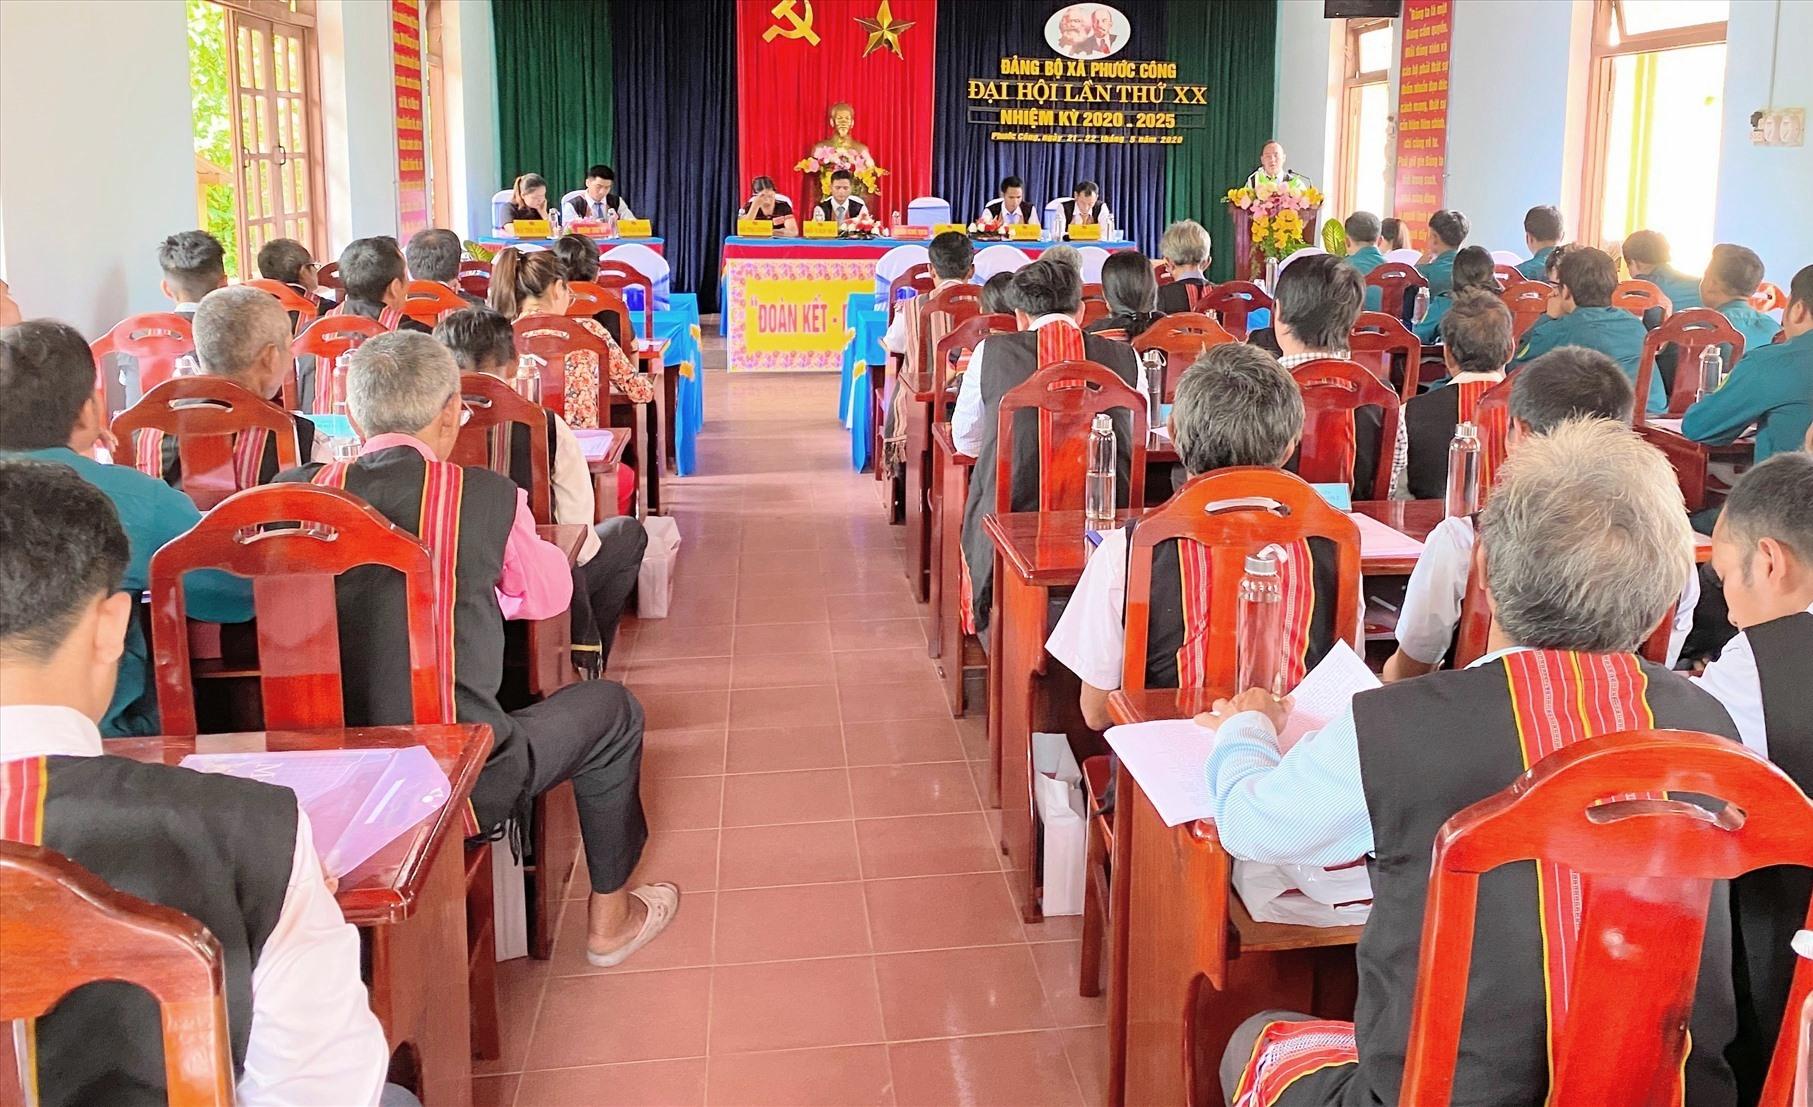 Đại hội Đảng bộ xã Phước Công (Phước Sơn) lần thứ XX, nhiệm kỳ 2020 - 2025